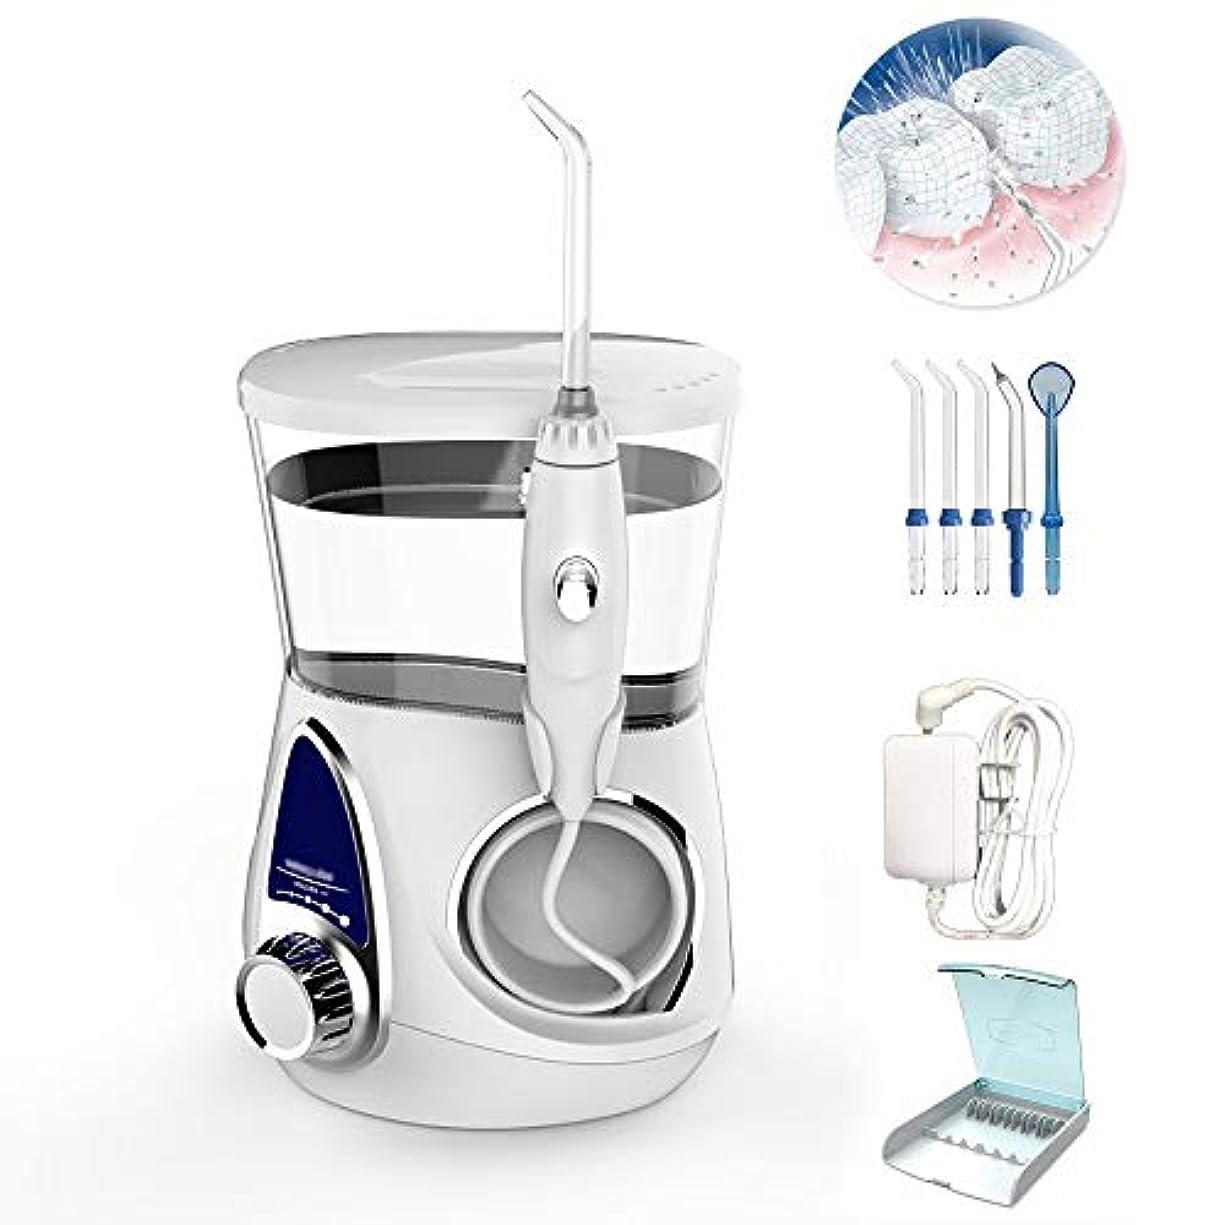 前者フェードアウト効率口腔洗浄器フロスウォータージェット、歯用電動フロッサ、3つの標準ノズル+ 1つの歯周ポケットノズル+ 1つの舌スクレーパー+ 1つのノズル収納ボックス、100-240V、700Ml,White-B